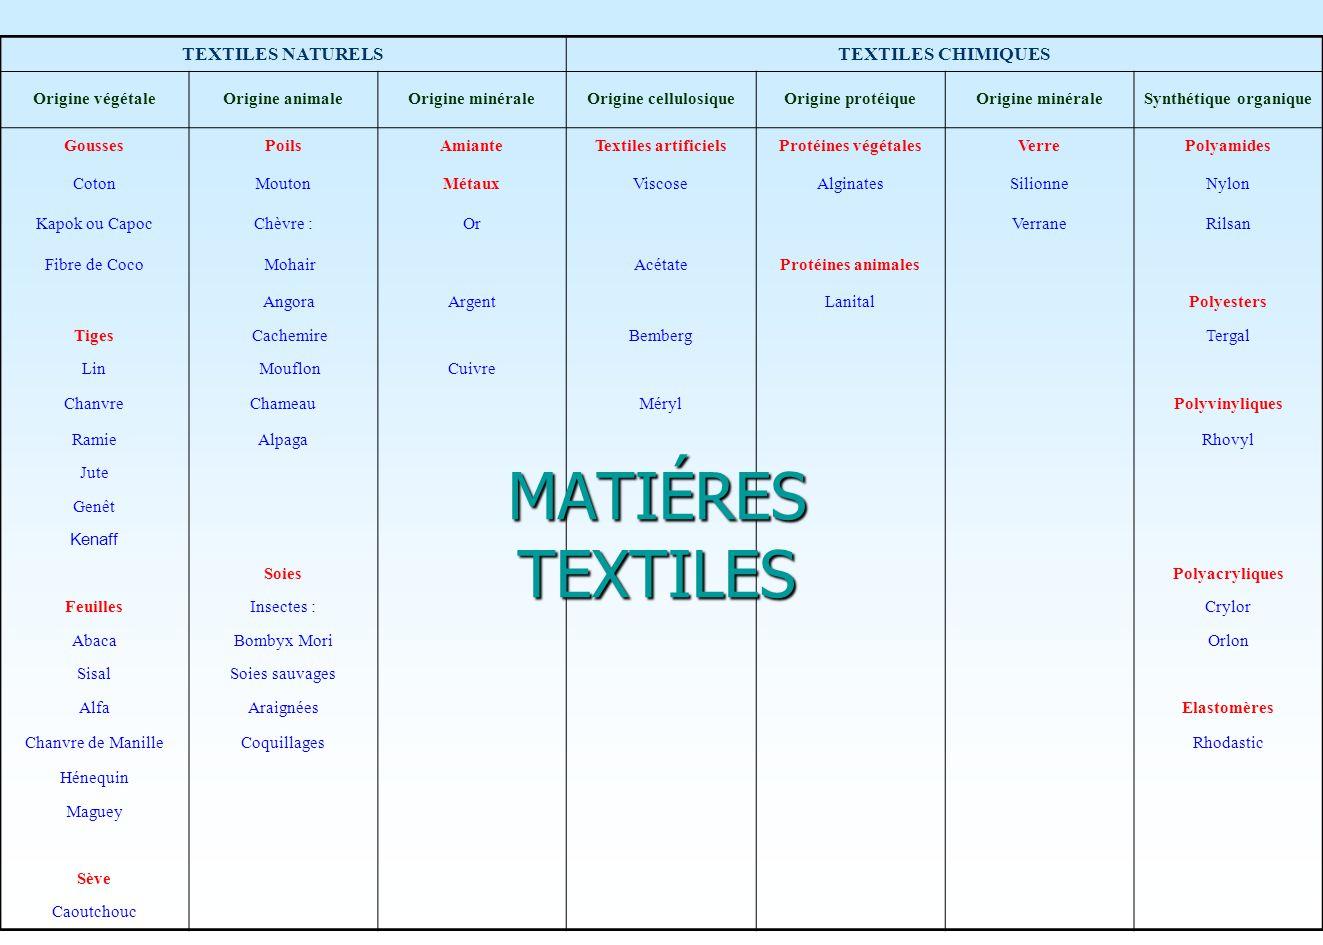 d) Synthétique organique : Polyesters (Tergal, Terylène, Dacron, Trévira) Le filage se fait à la sor- tie des filiè- res, les fila- ments obte- nus subis- sent un étir- age à chaud.